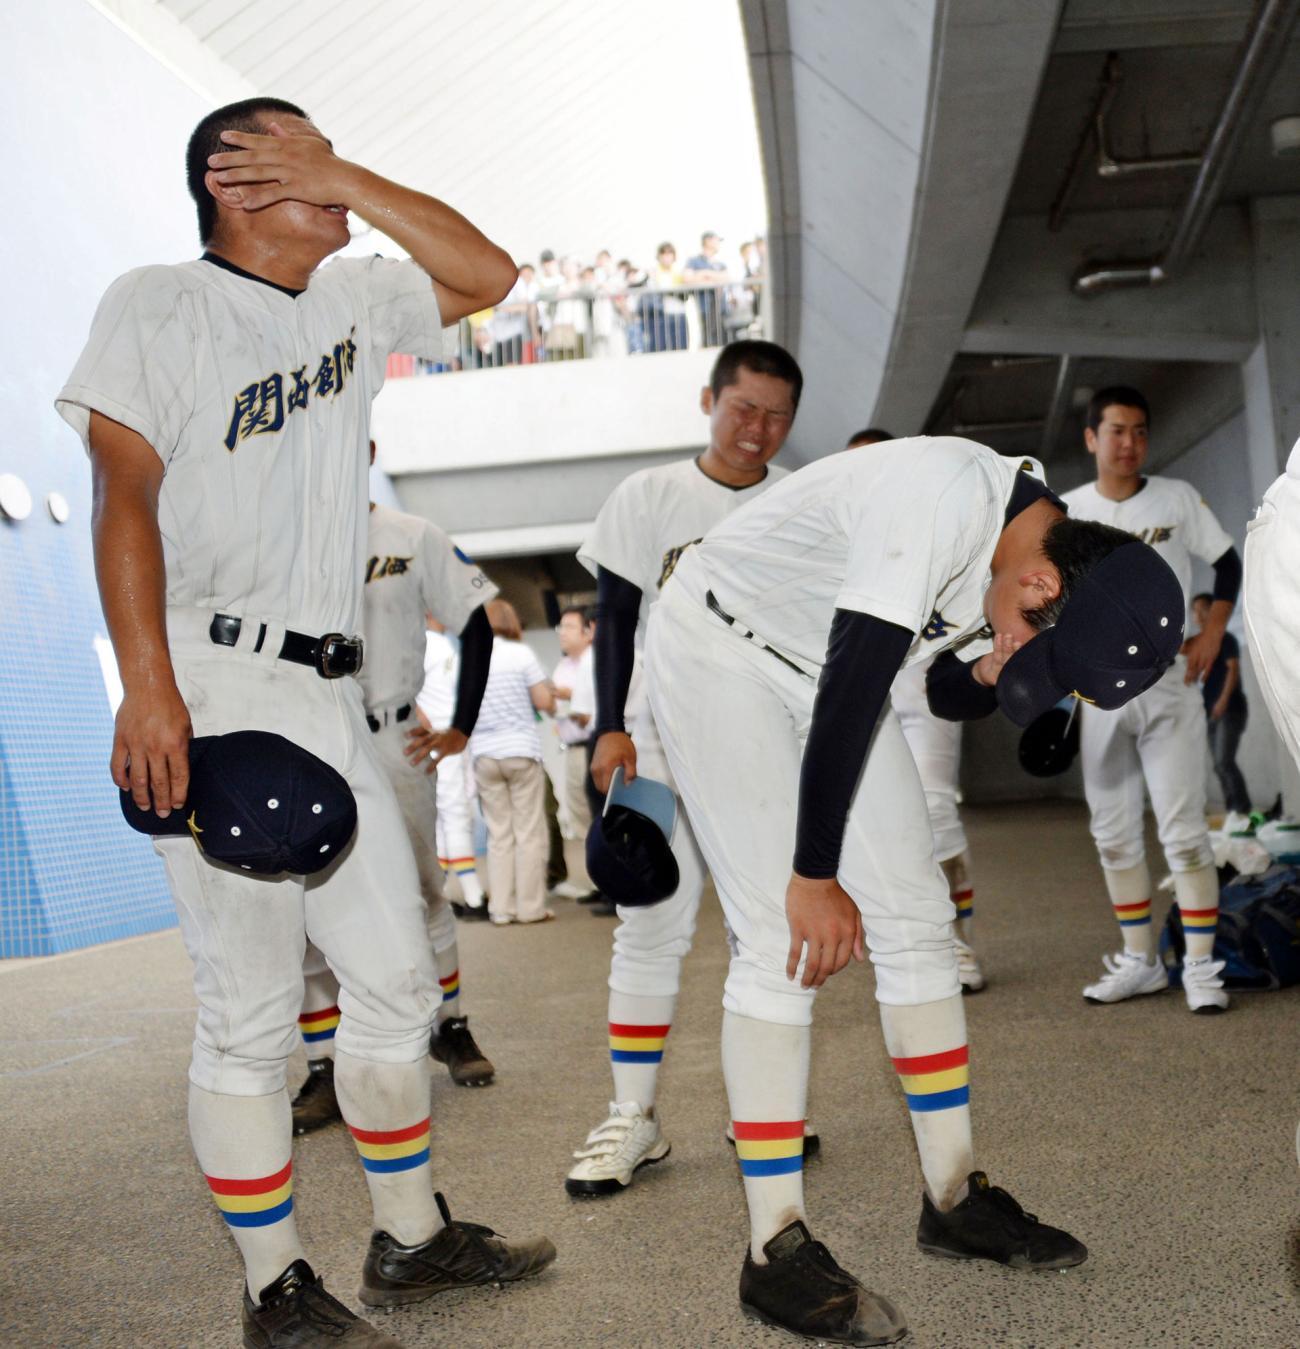 関西 創価 高校 野球 部